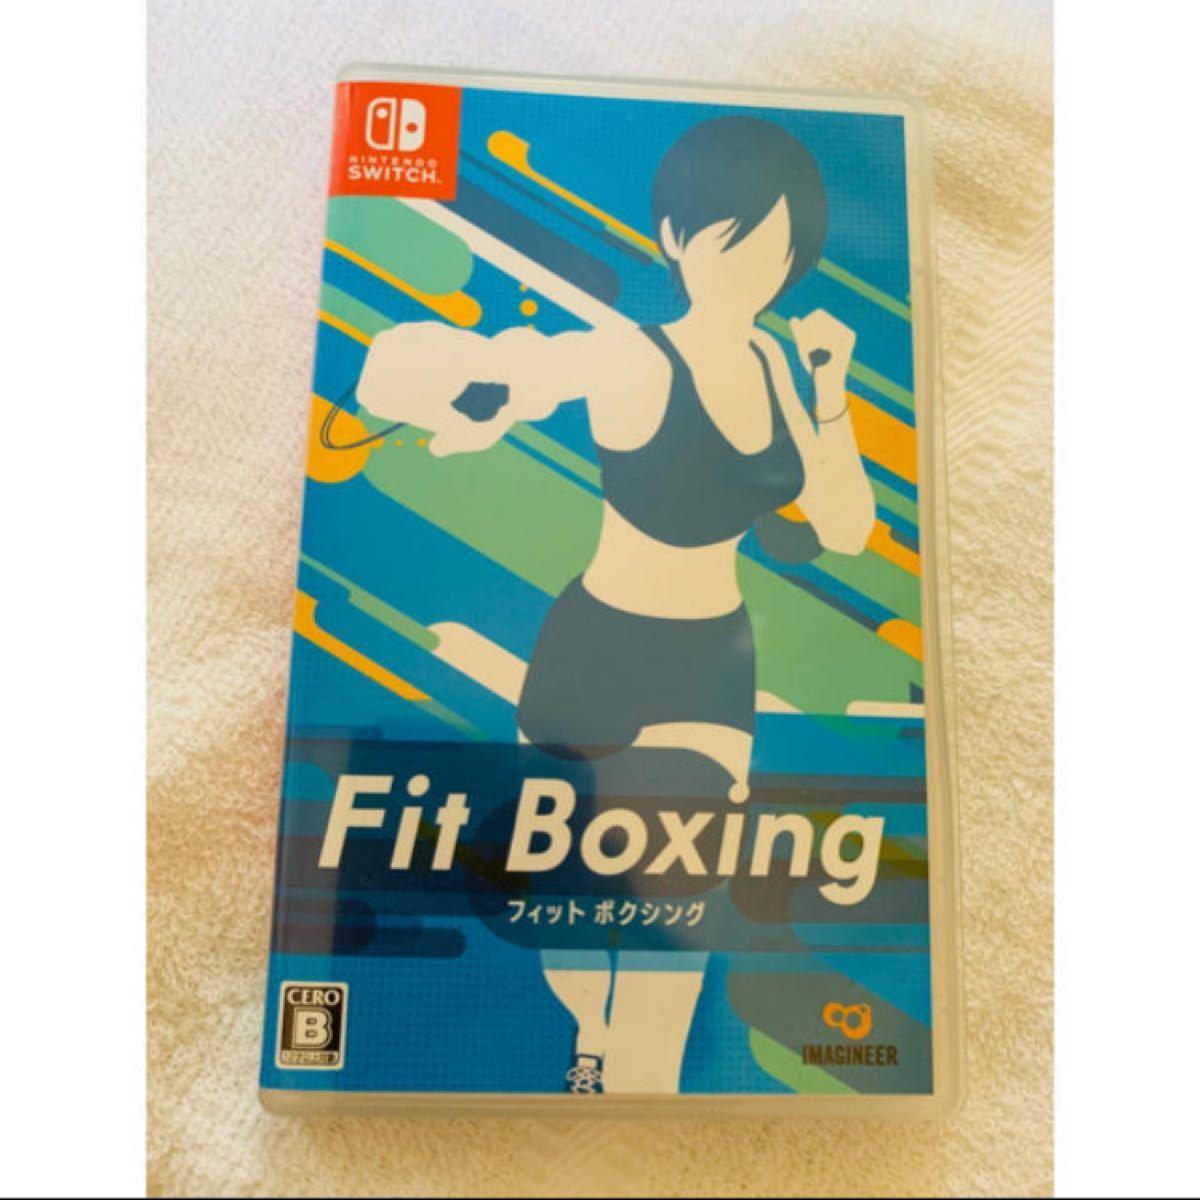 フィットボクシング Switch FIT BOXING ニンテンドースイッチ